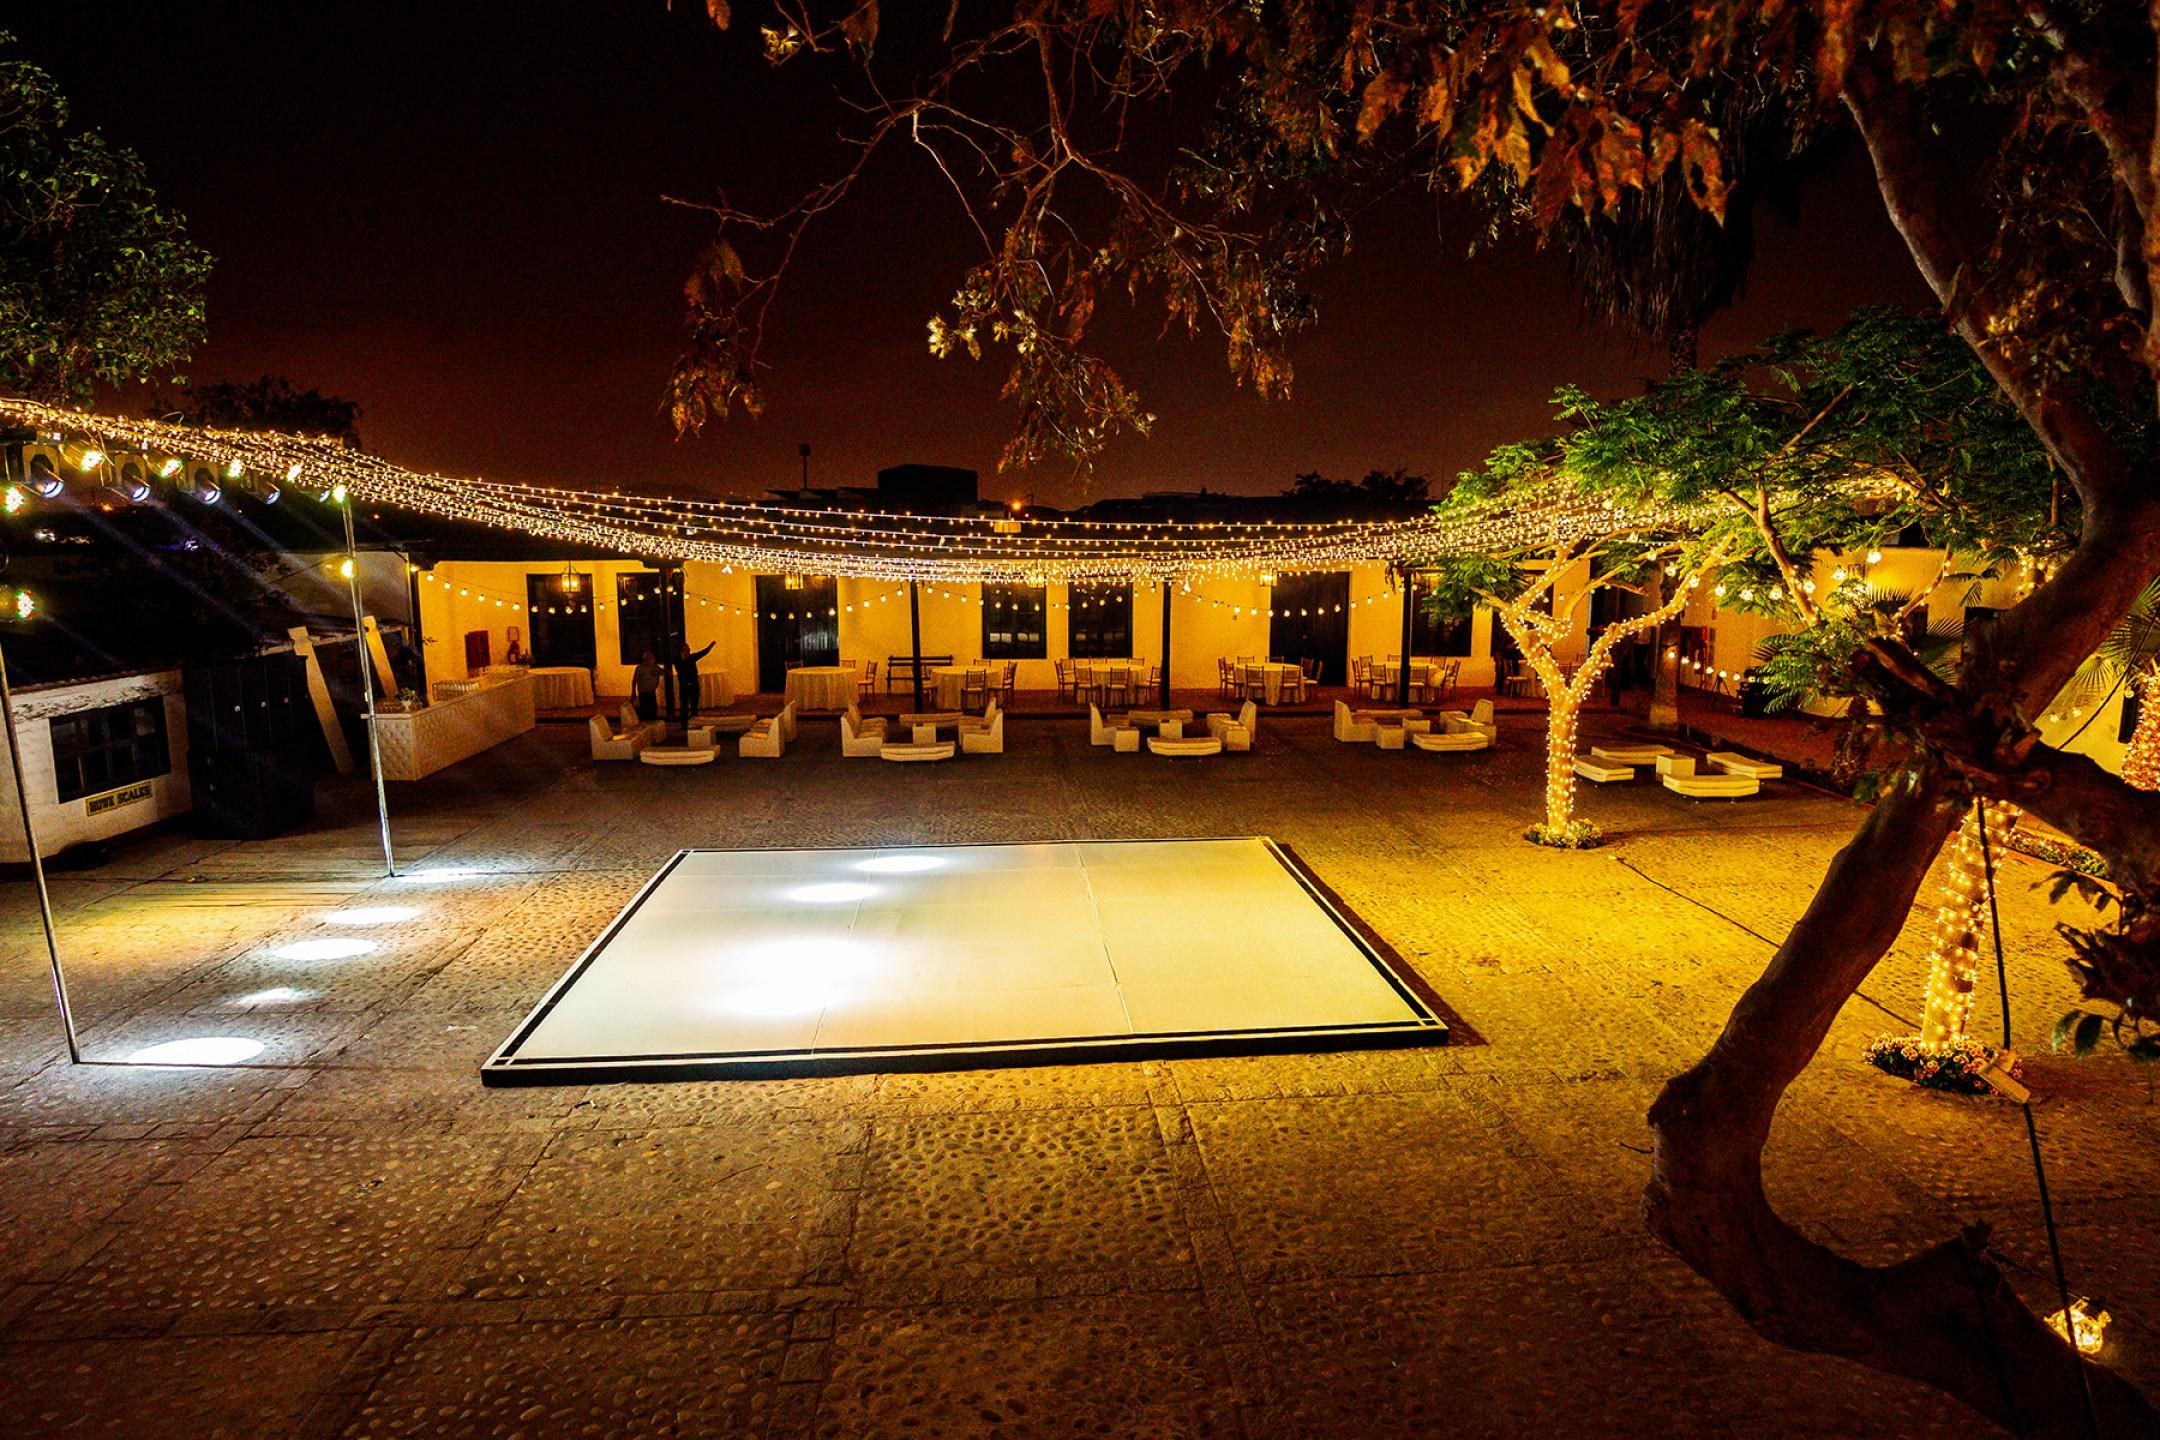 http://haciendabocanegra.com/images/chbn_Hkh7YYtpTv_large-1080_k51na.jpg